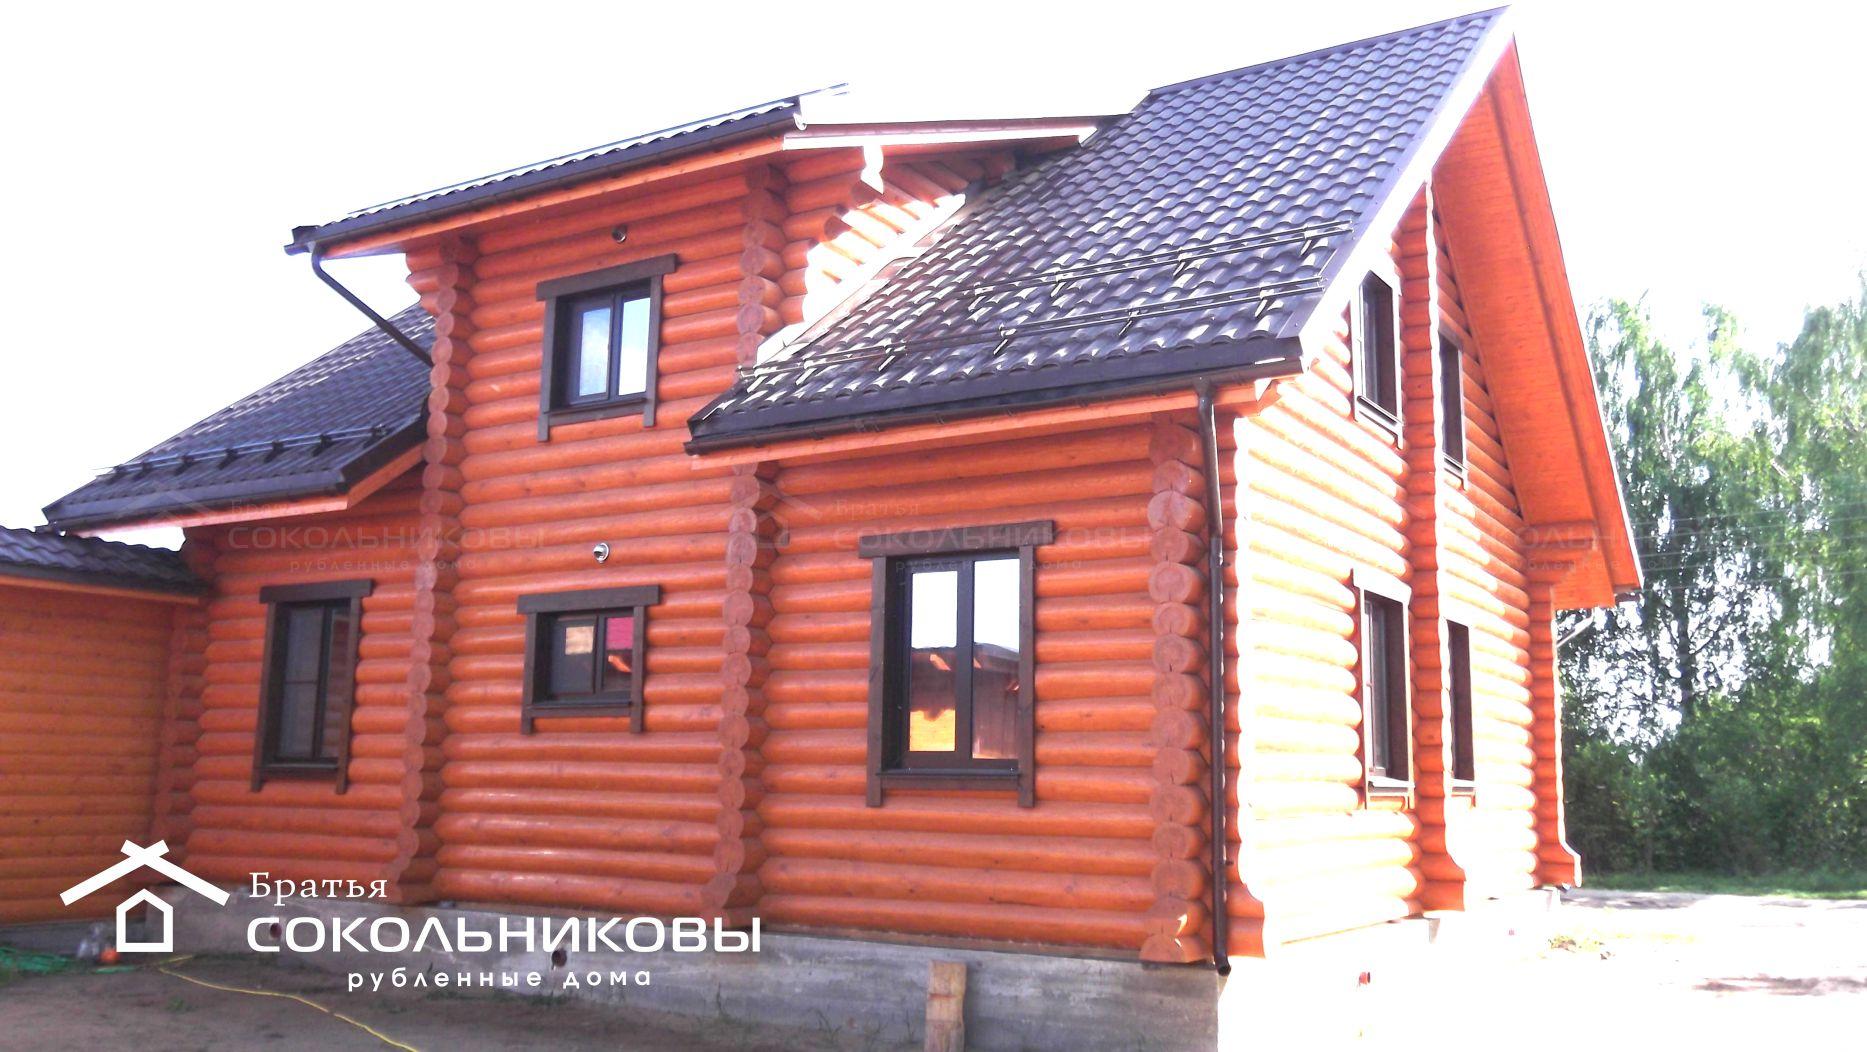 Дом под рубанок, 186 кв. м, фото 3